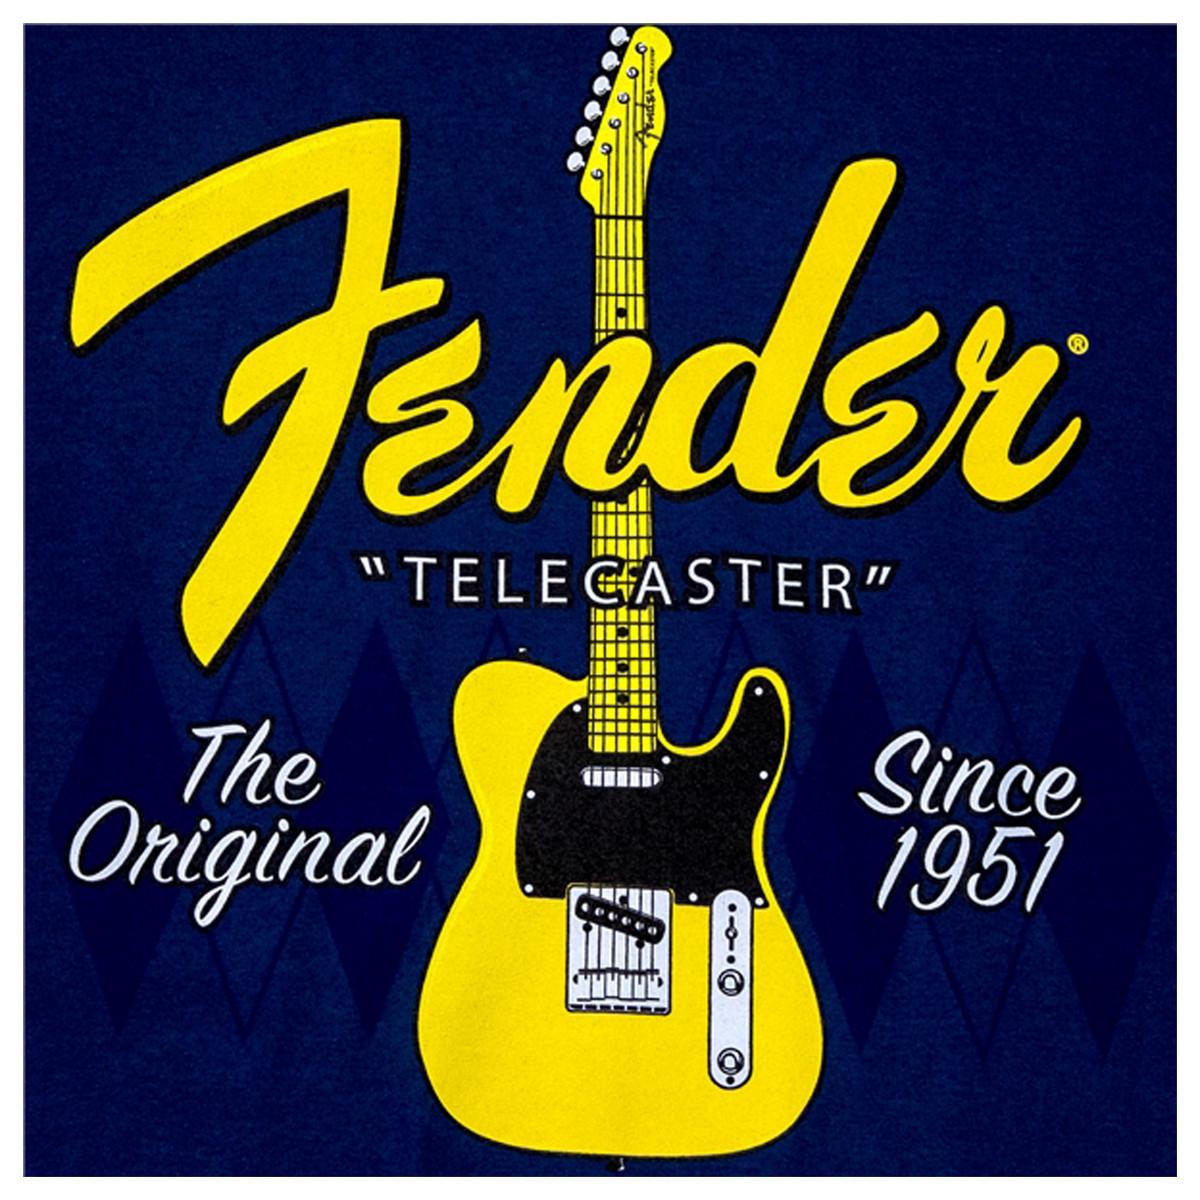 T Fender BlueXlGear4music 1951 ShirtArgyle Since Telecaster T1uJclFK3